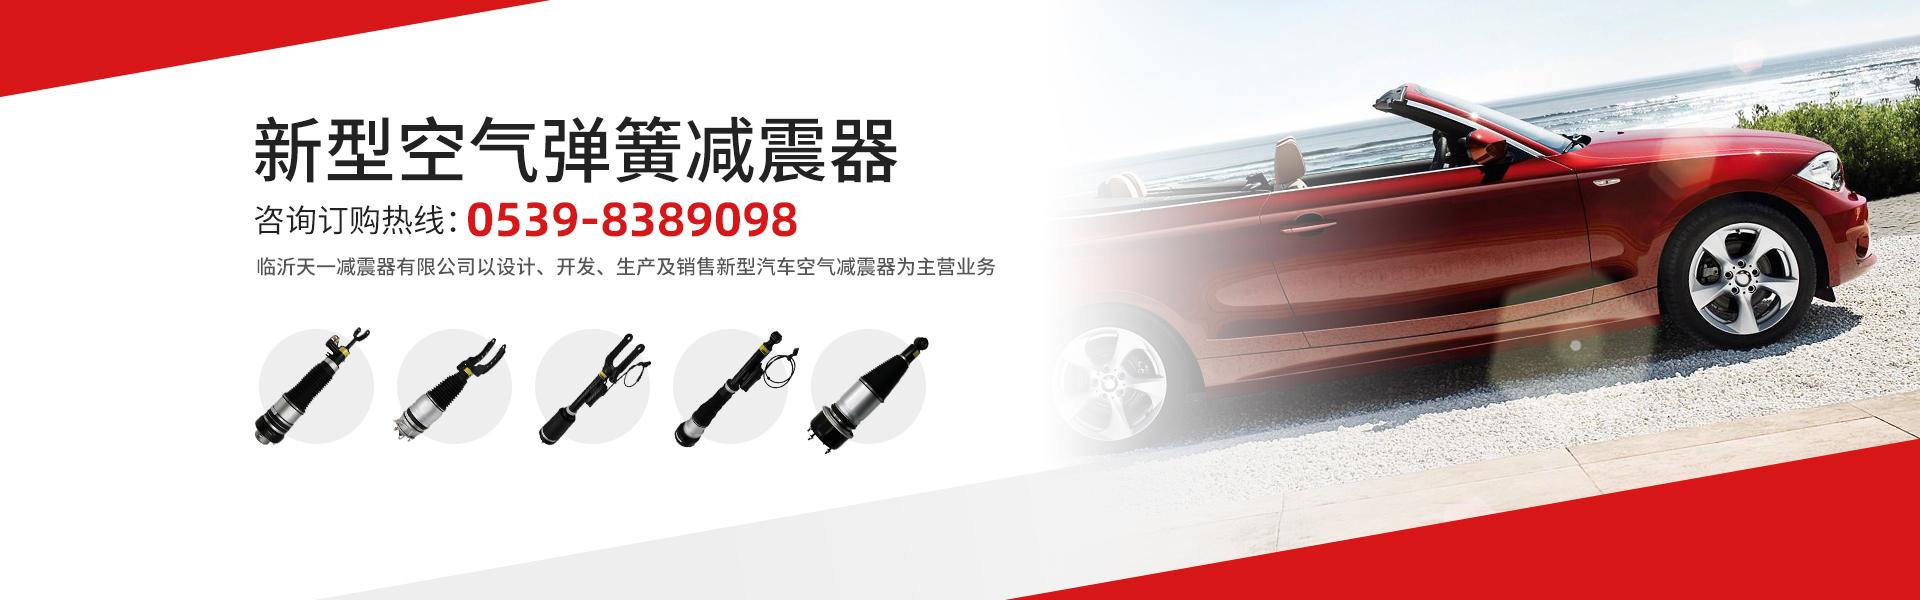 臨沂天一電子有限公司是一家生產汽車剎車報警器和空氣彈簧減震器的廠家,技術成熟,符合設計標準和要求,有需求歡迎大家咨詢.